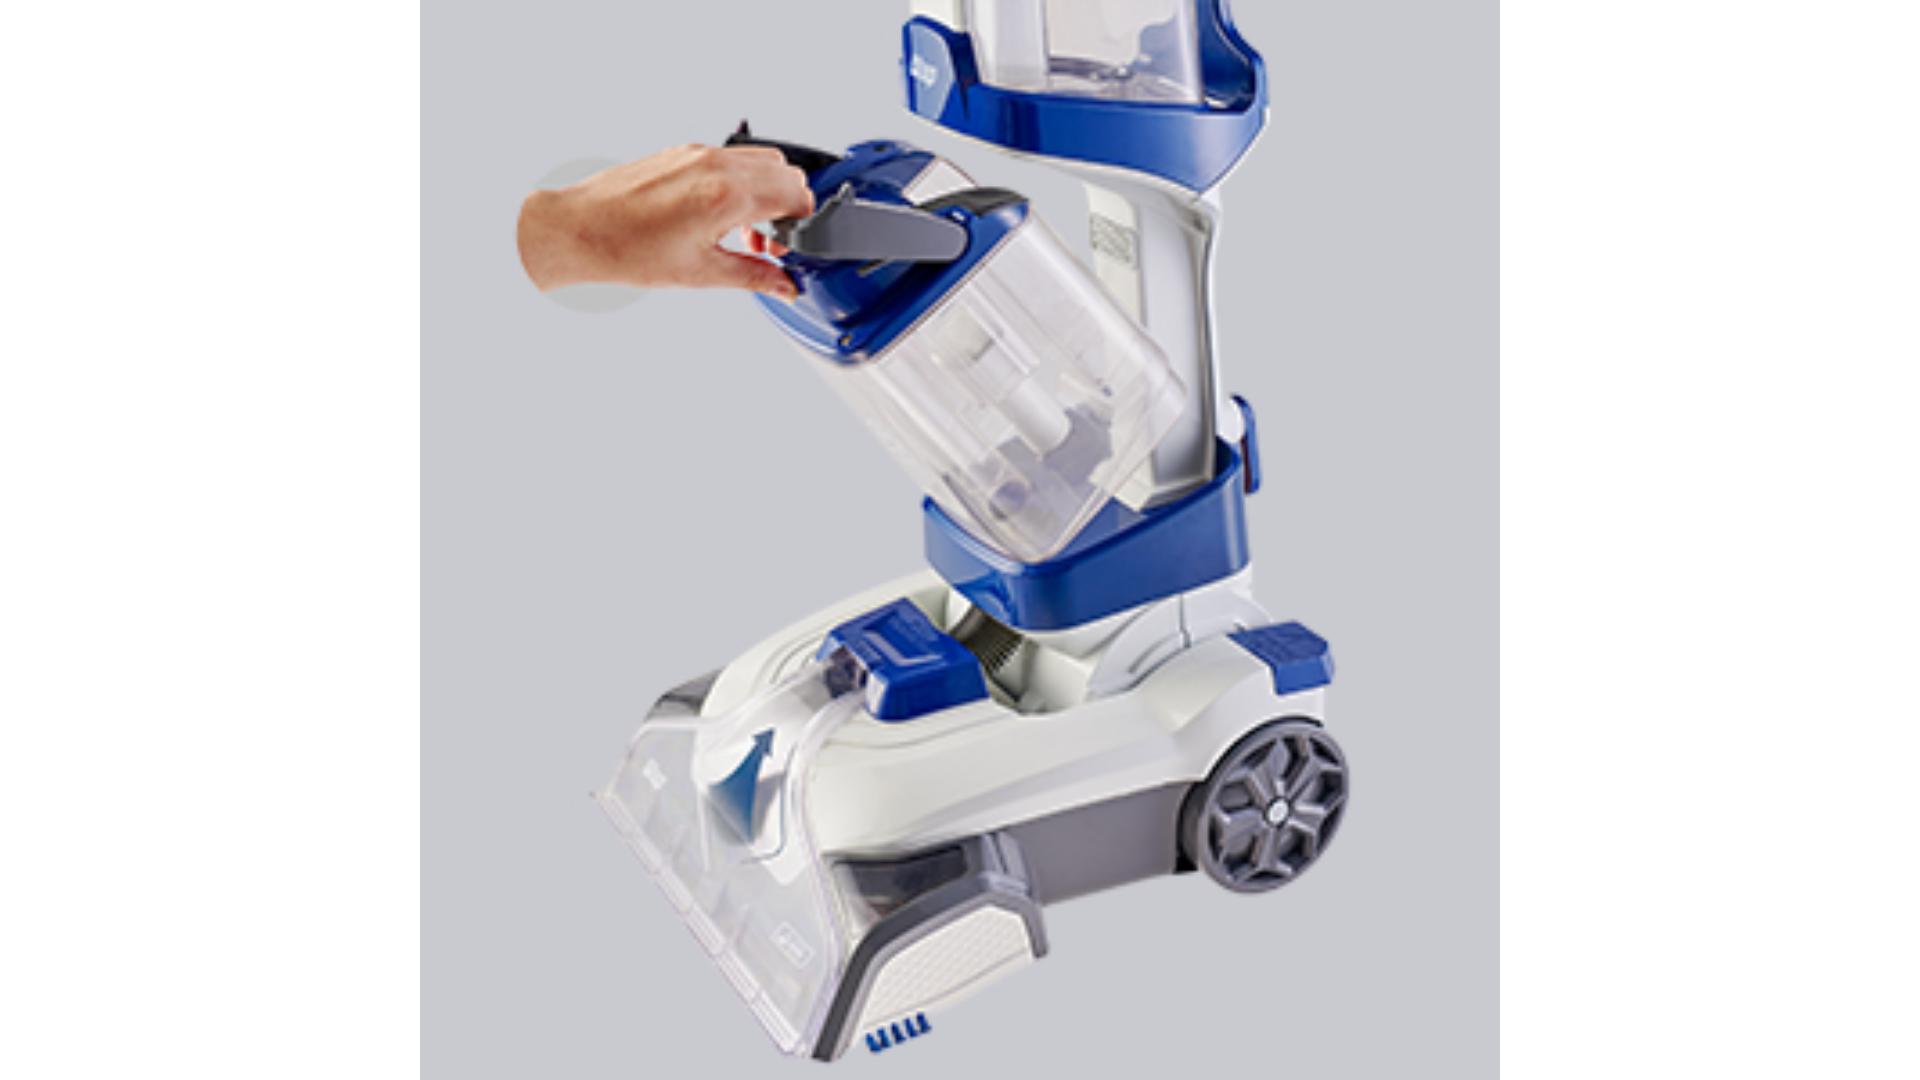 Os reservatórios da Comfort Cleaner são removíveis para facilitar a limpeza e o reabastecimento. (Imagem: Divulgação/WAP)